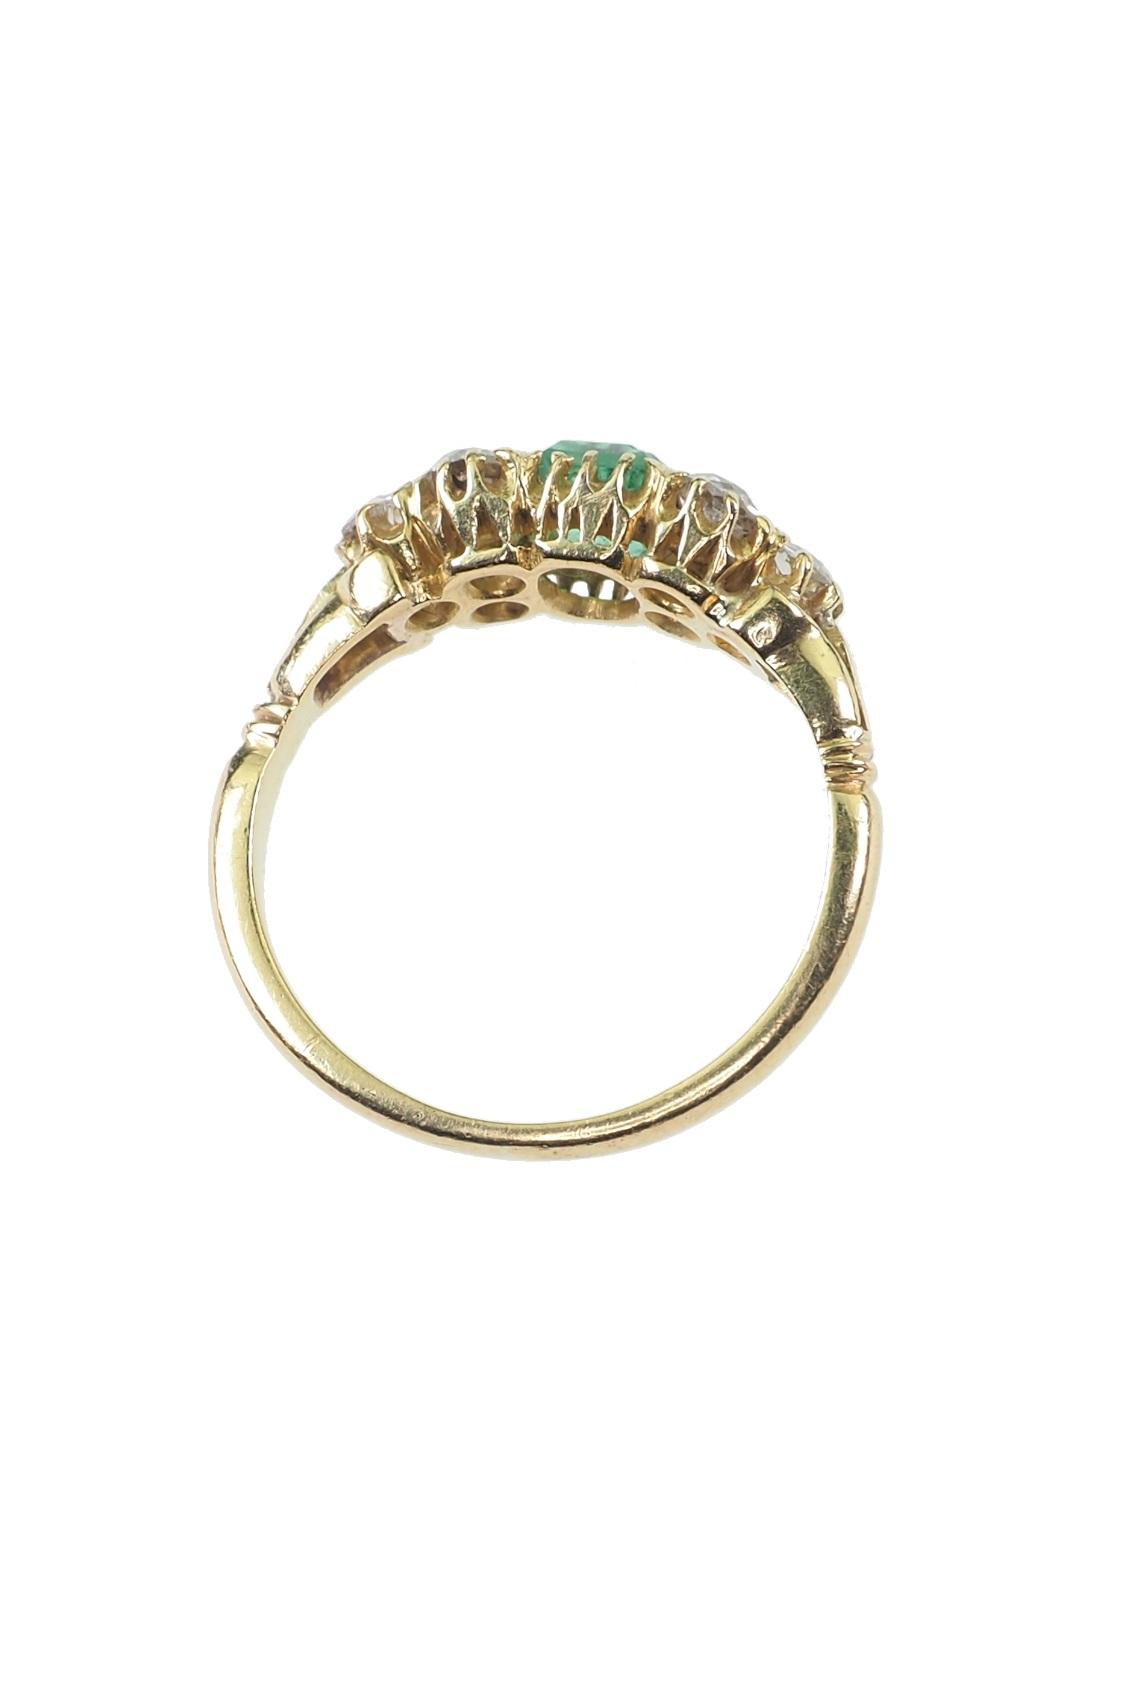 einmalige-Ringe-kaufen-2709b